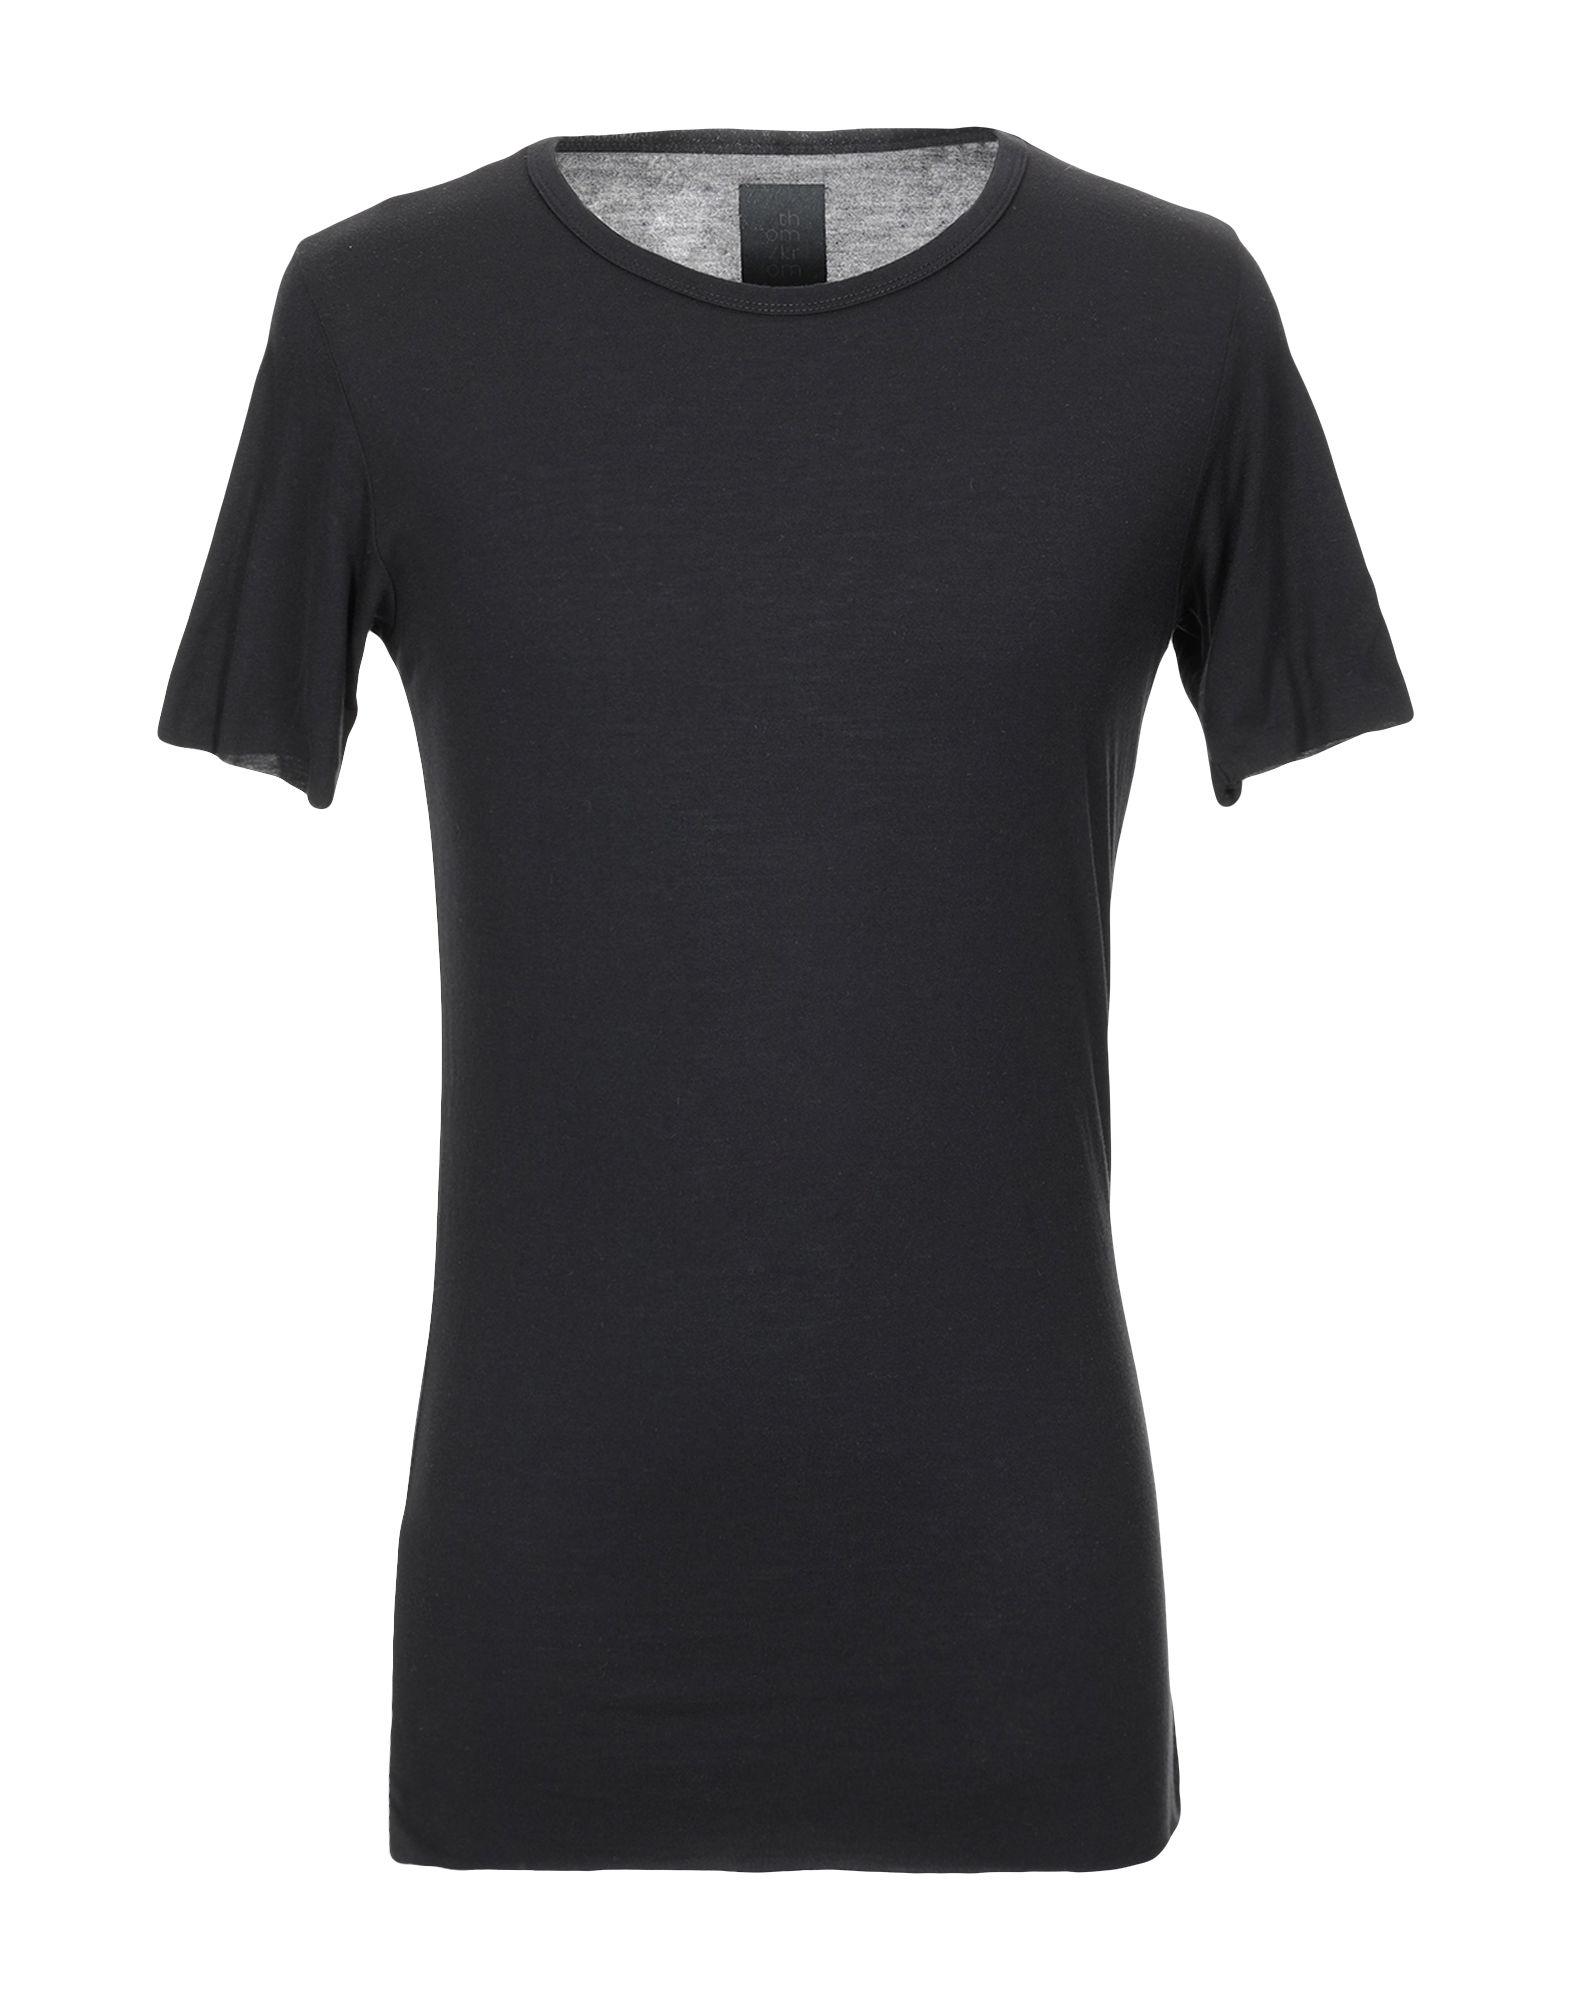 《送料無料》THOM KROM メンズ T シャツ ブラック XS レーヨン 85% / シルク 15%